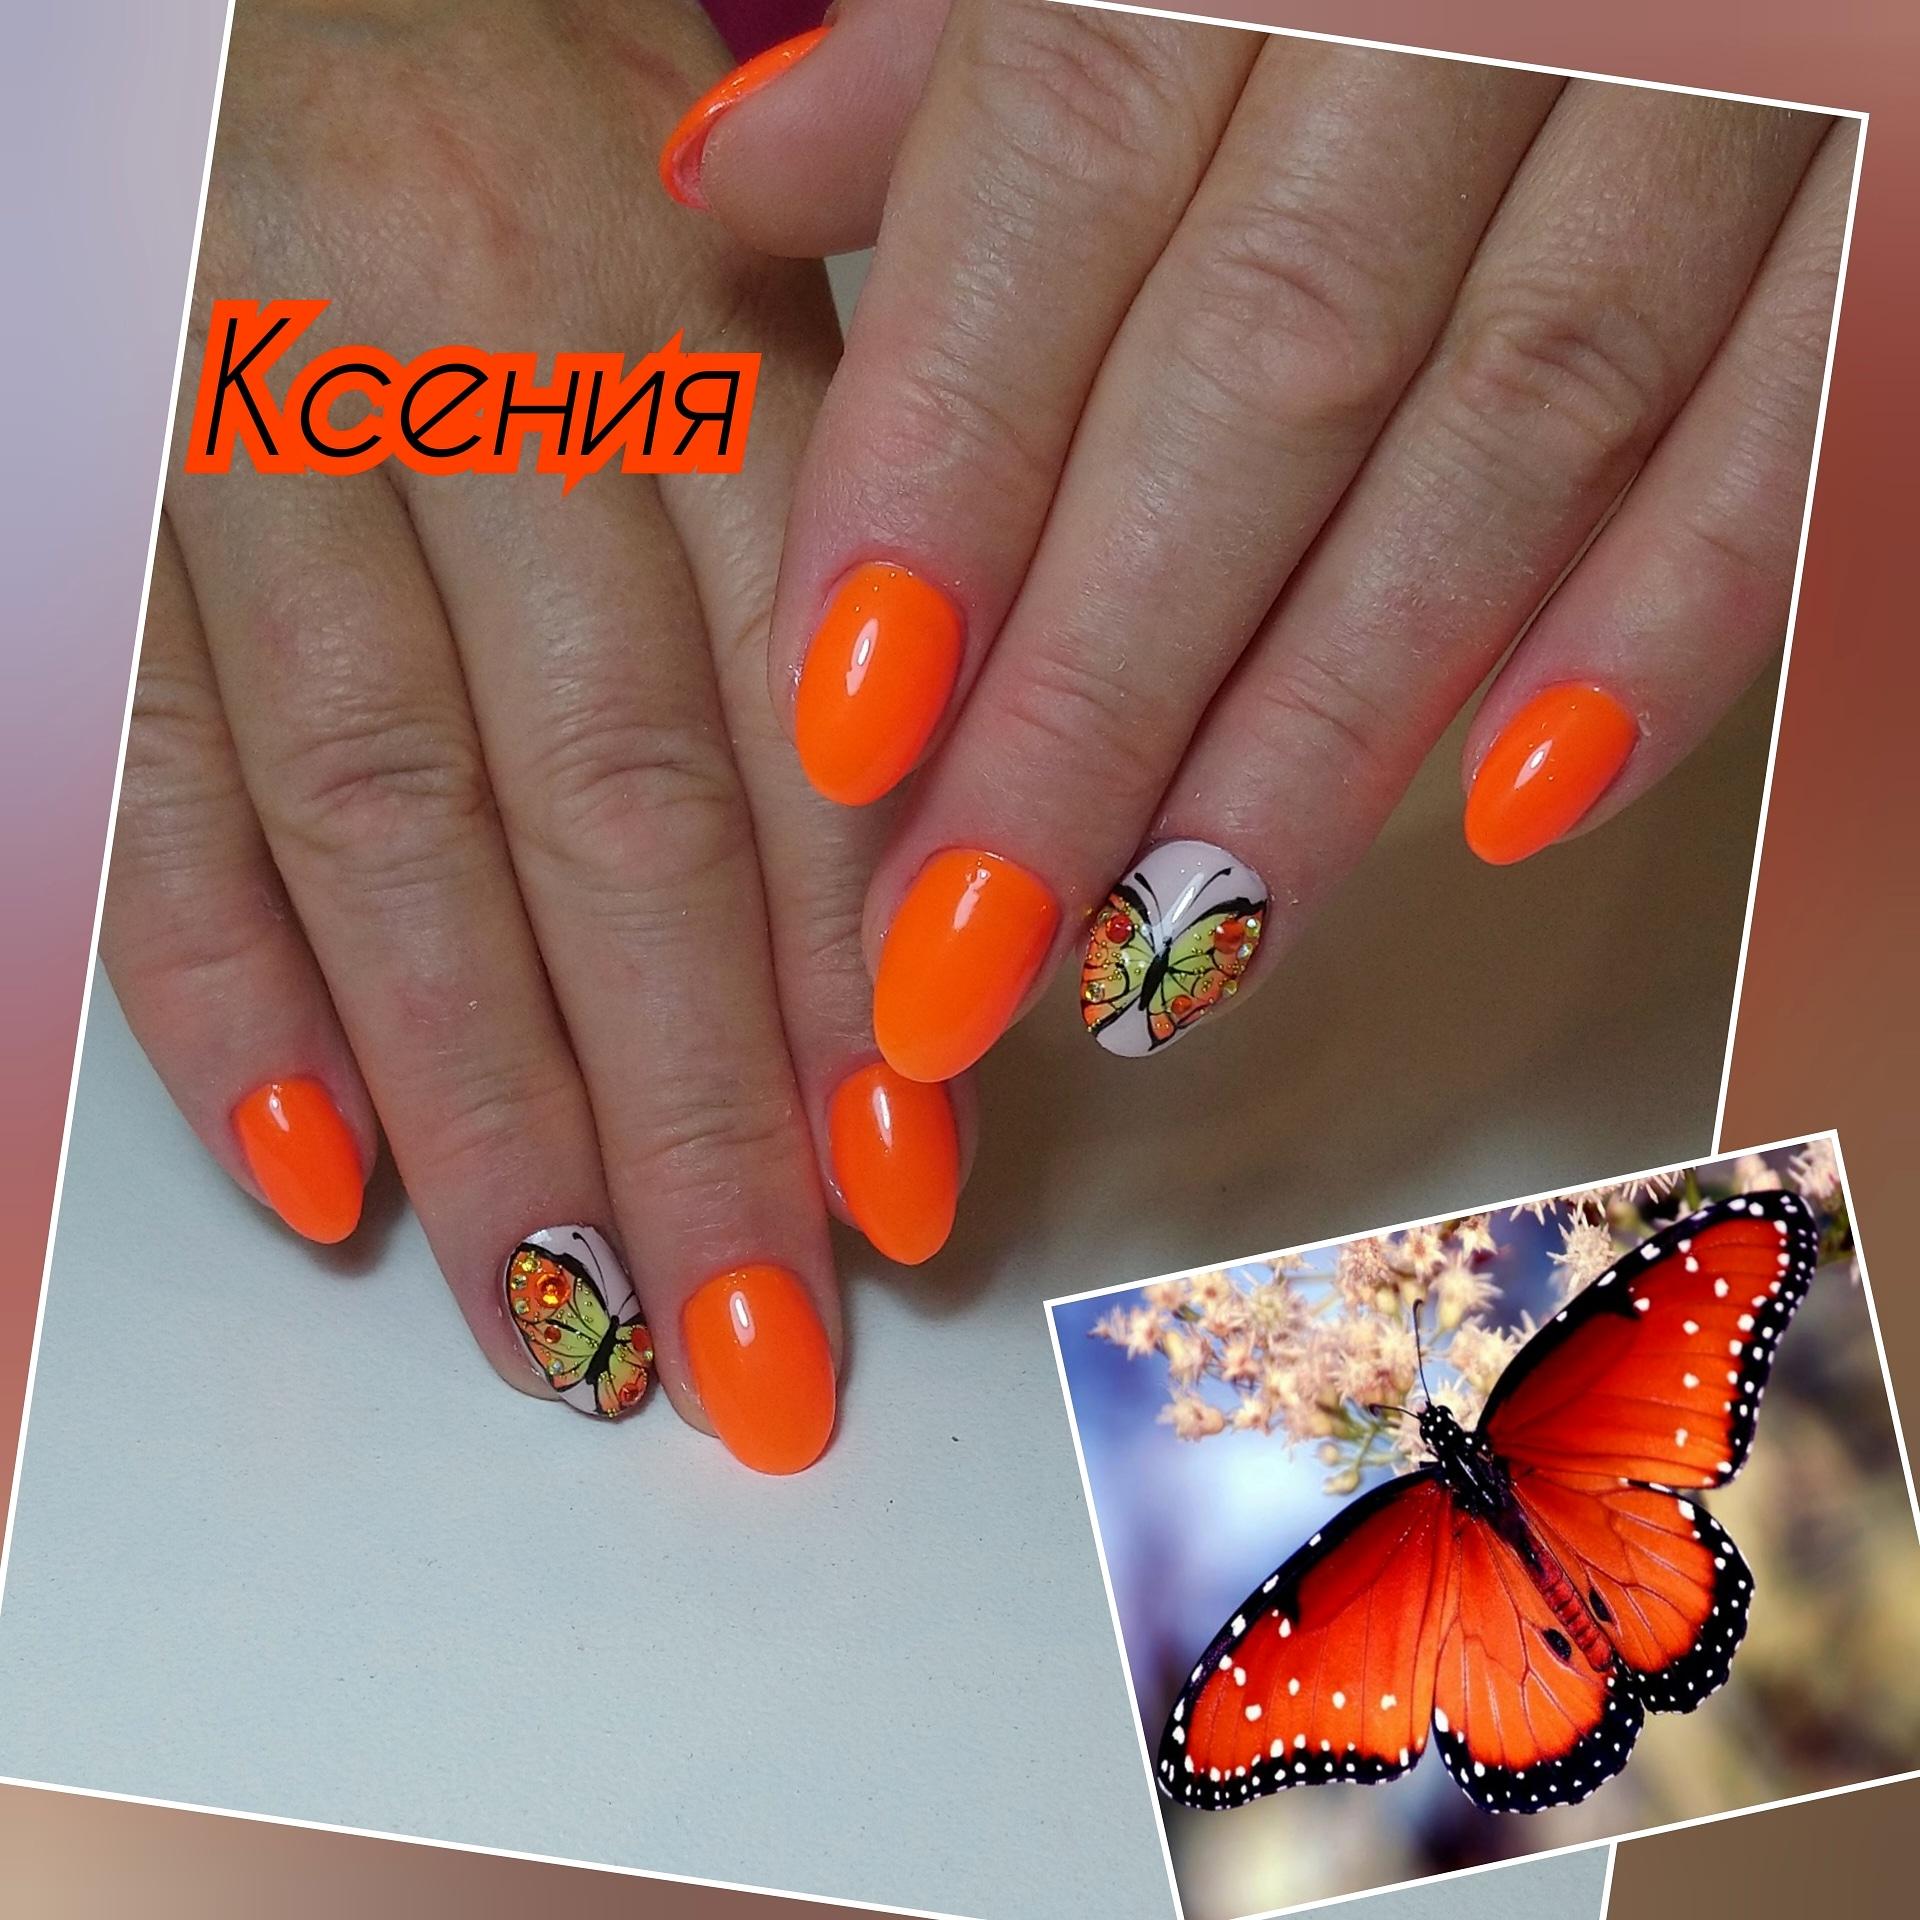 Маникюр с бабочками в оранжевом цвете на короткие ногти.